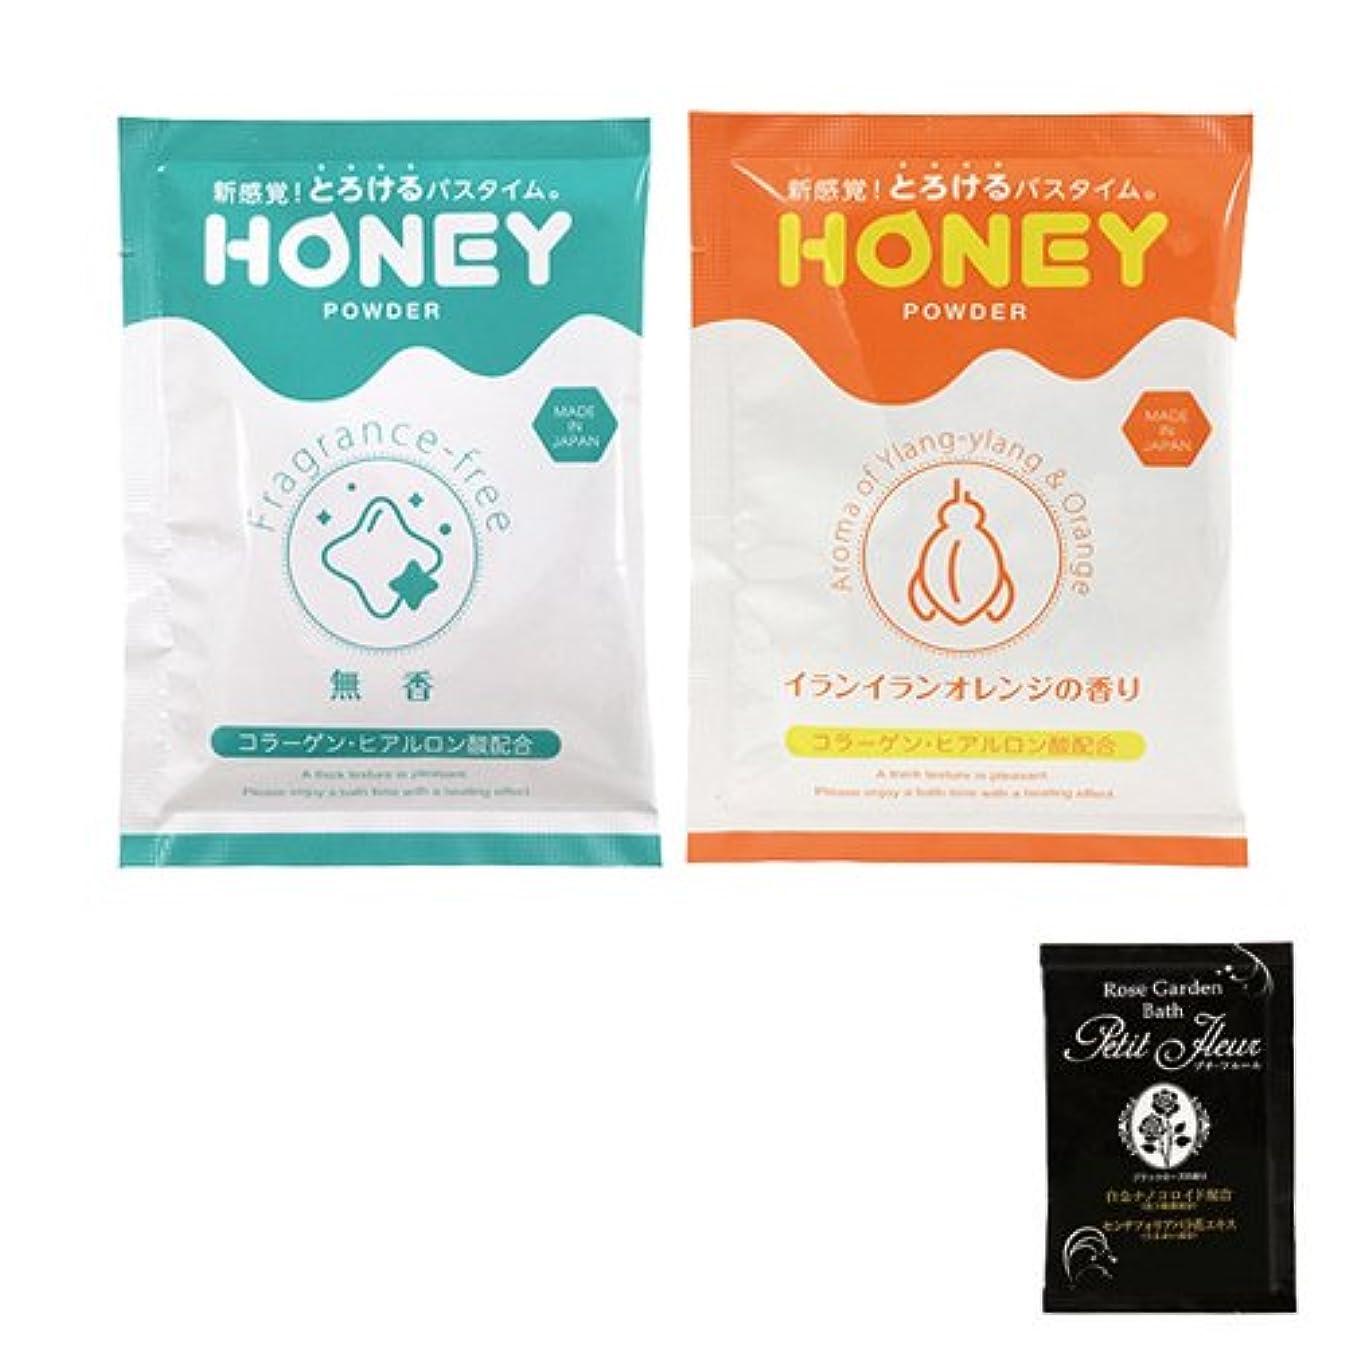 意見モデレータ呼吸とろとろ入浴剤【honey powder】粉末タイプ イランイランオレンジの香り + 無香 + 入浴剤(プチフルール)1回分